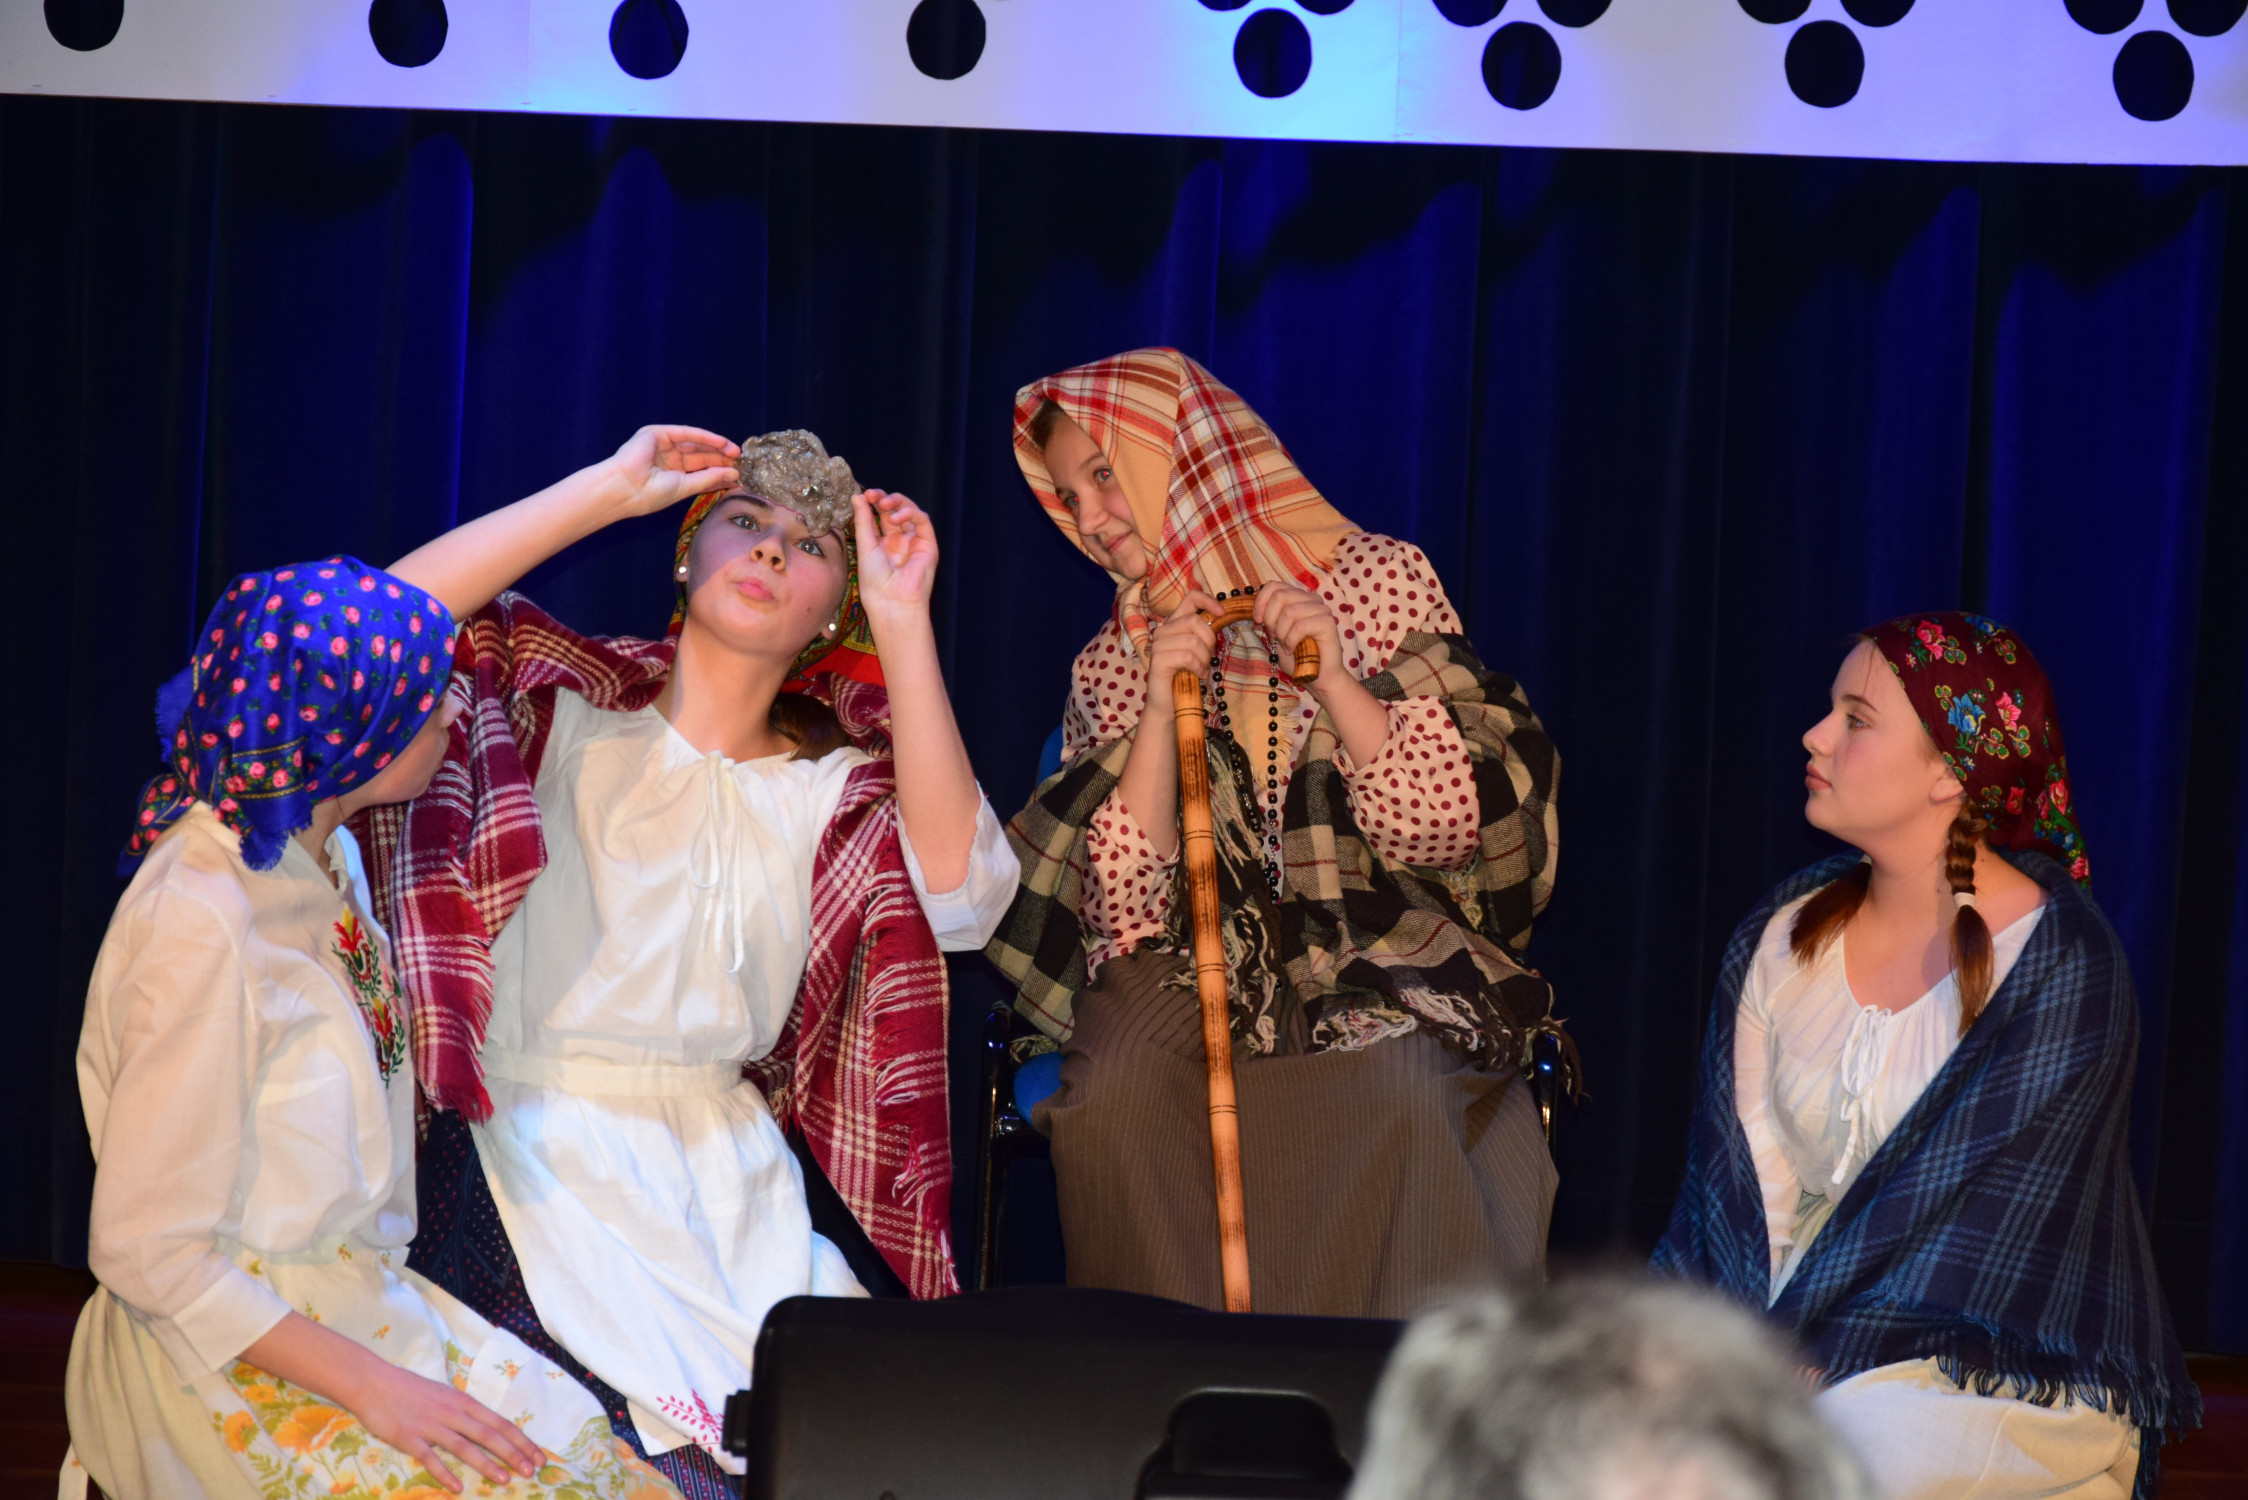 Zobaczcie zdjęcia z Festiwalu Mowy Lasowiackiej w Cmolasie | GALERIA | - Zdjęcie główne